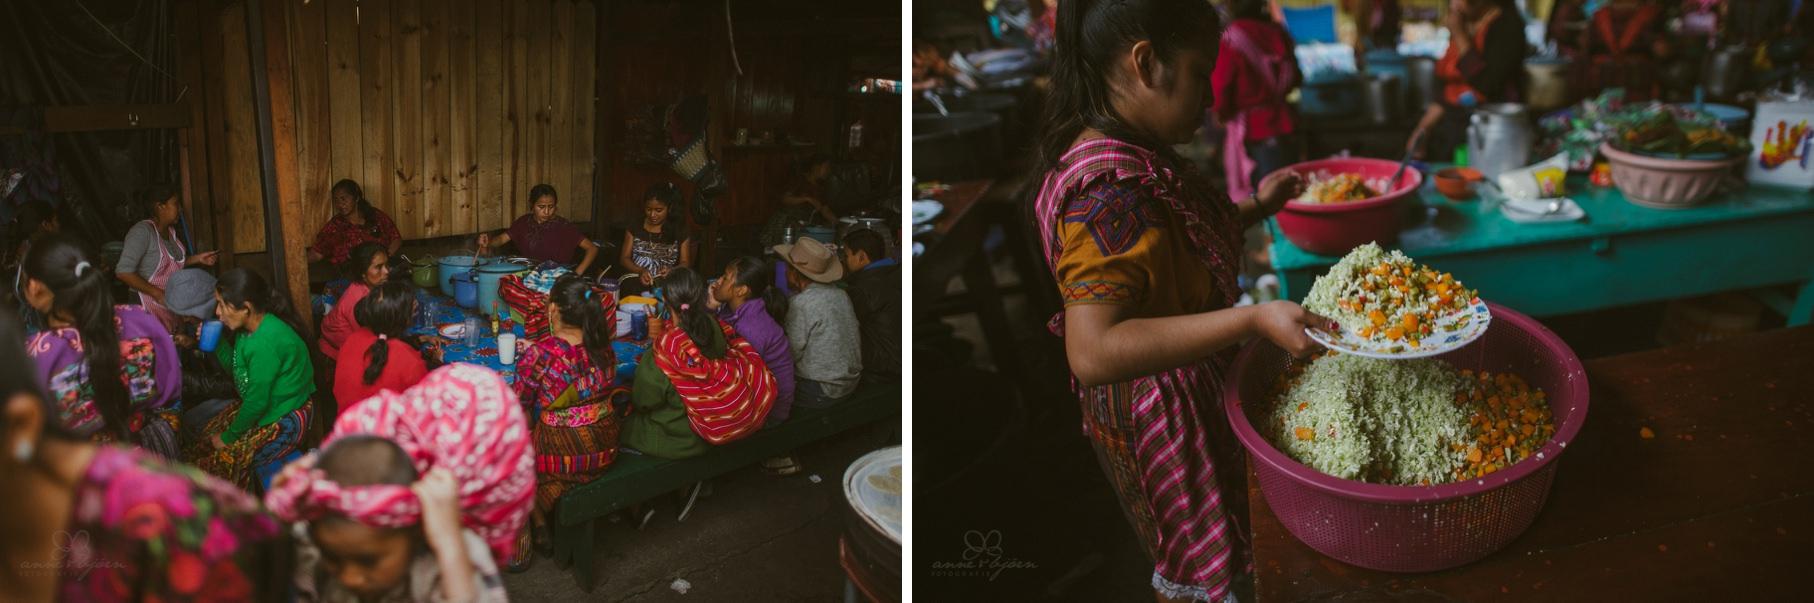 0145 anne und bjoern guatemala d75 2775 - 4 Wochen durch Guatemala - backpacking durch Mittelamerika